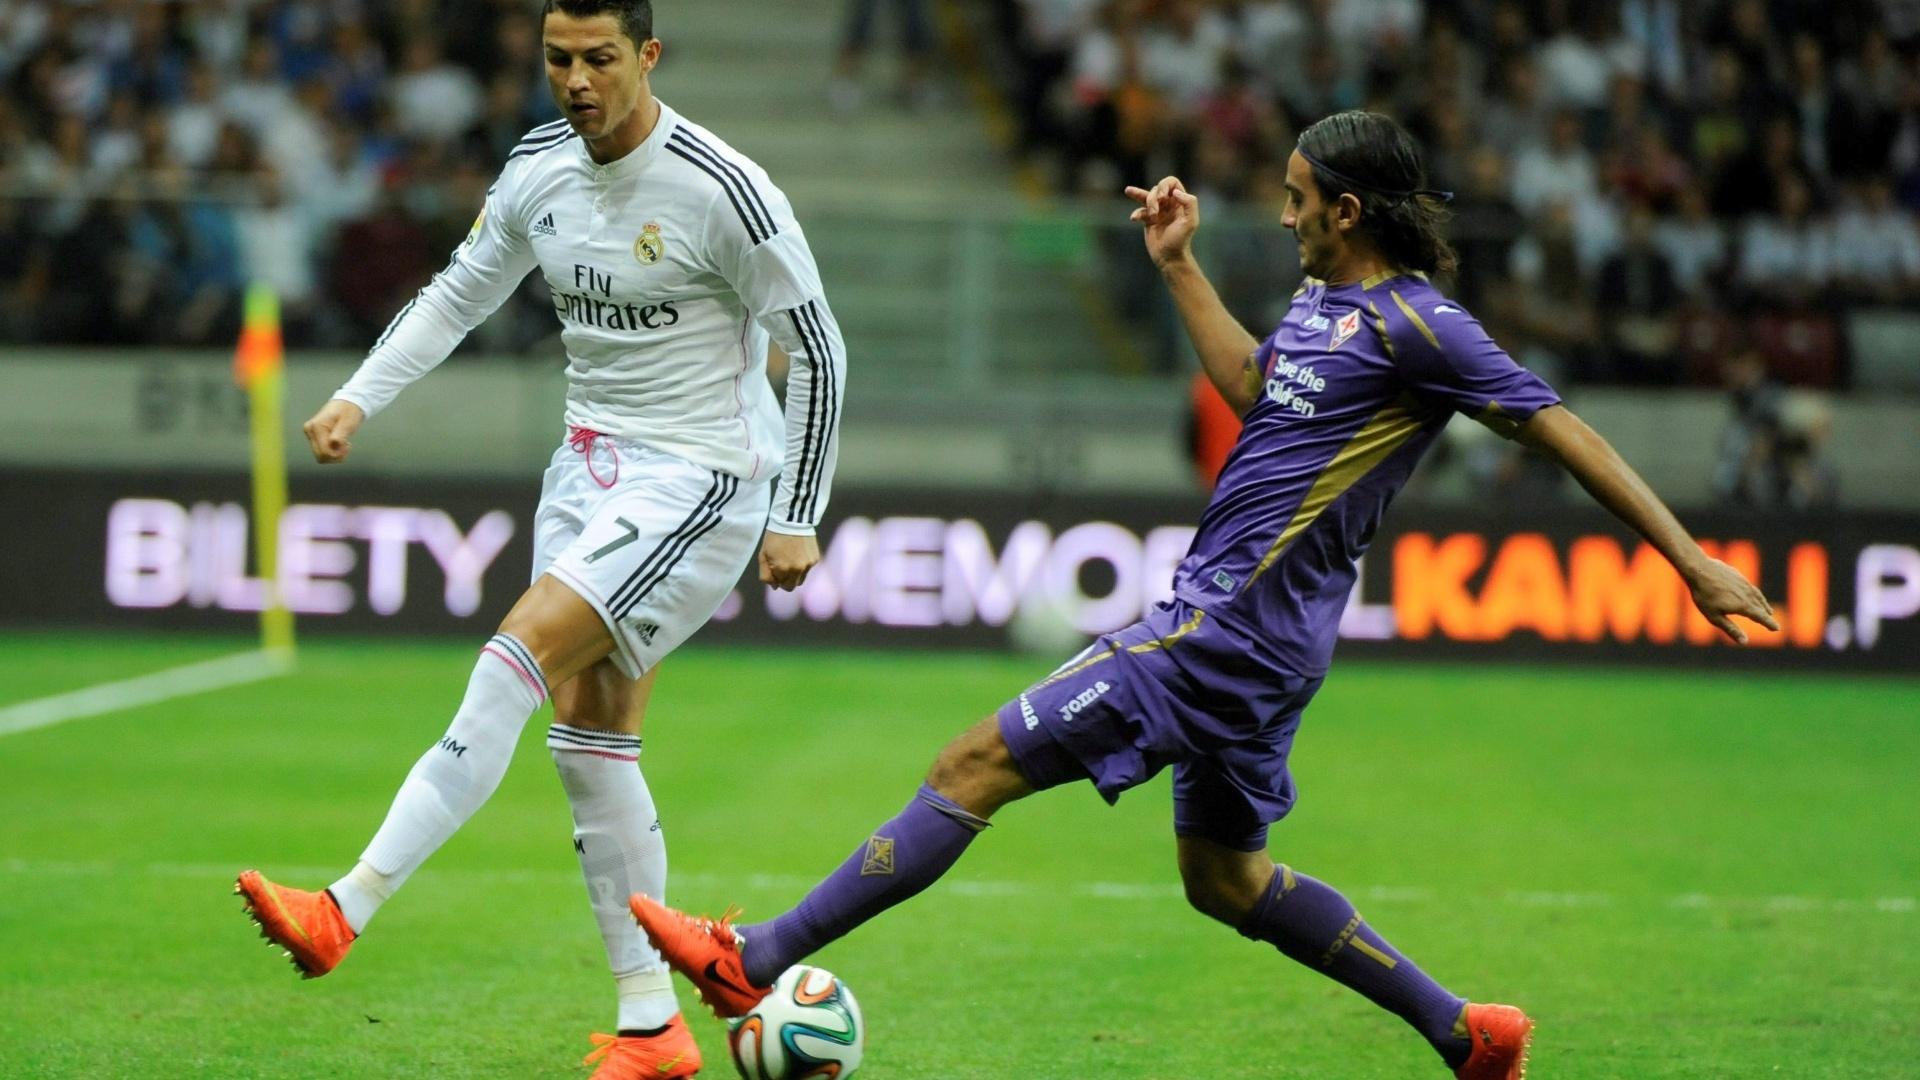 Cristiano Ronaldo tenta fugir da marcação de Aquilani durante amistoso contra a Fiorentina